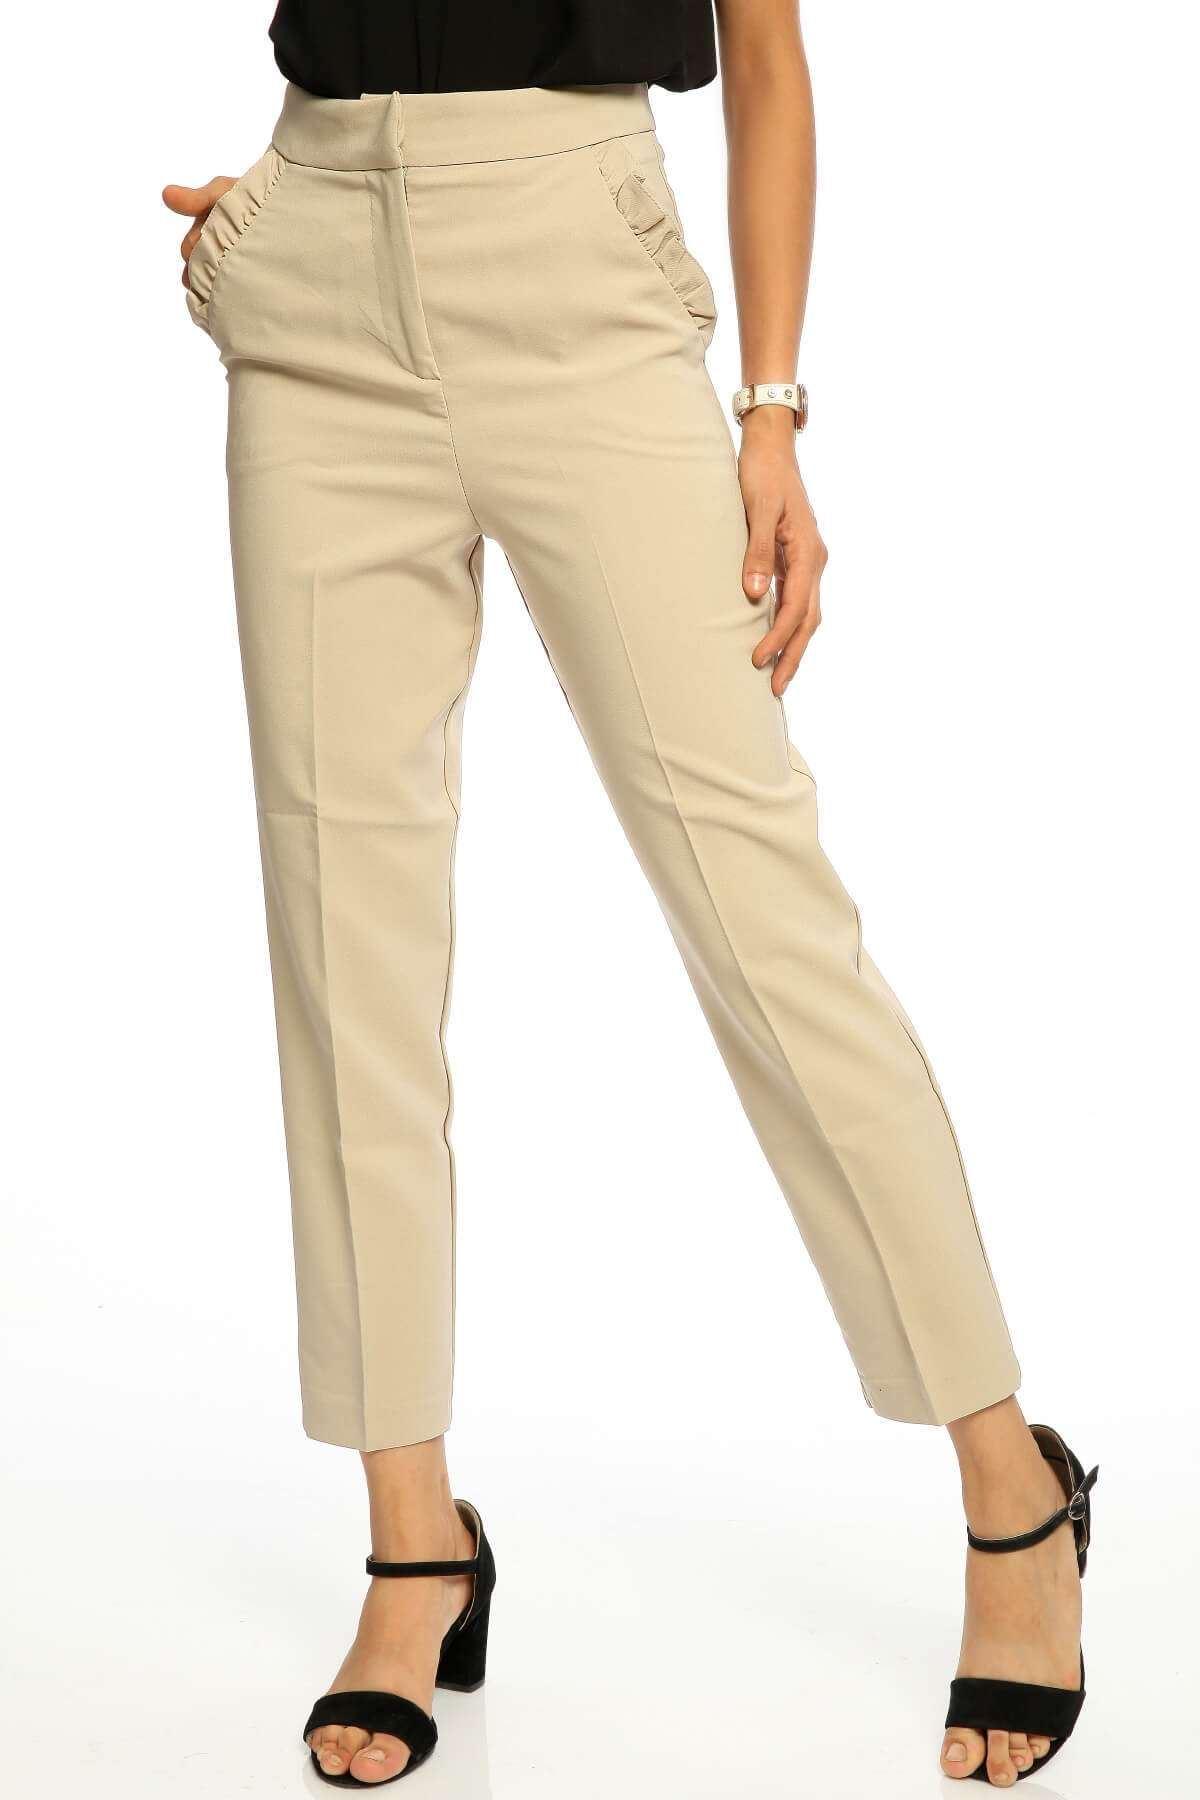 Yüksek Bel Cep Fırfır Detay Pantolon Bej